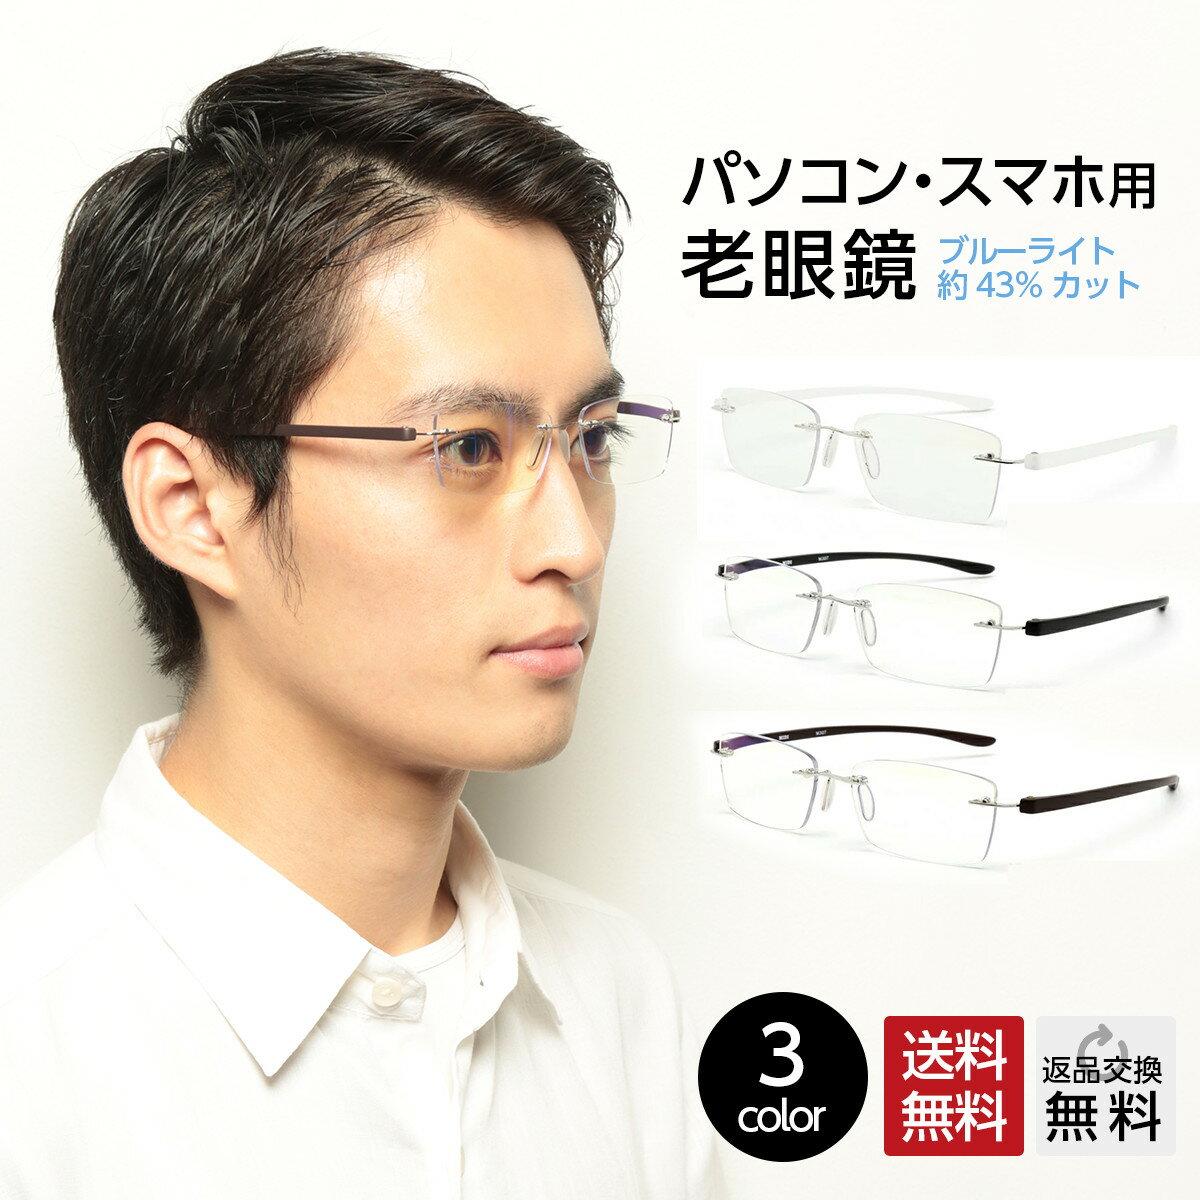 【男のフチなし】老眼鏡 ブルーライトカット43% 紫外線カット99% 超軽量 男性用 おしゃれ リーディンググラス シニアグラス パソコン用メガネ PCメガネ メンズ